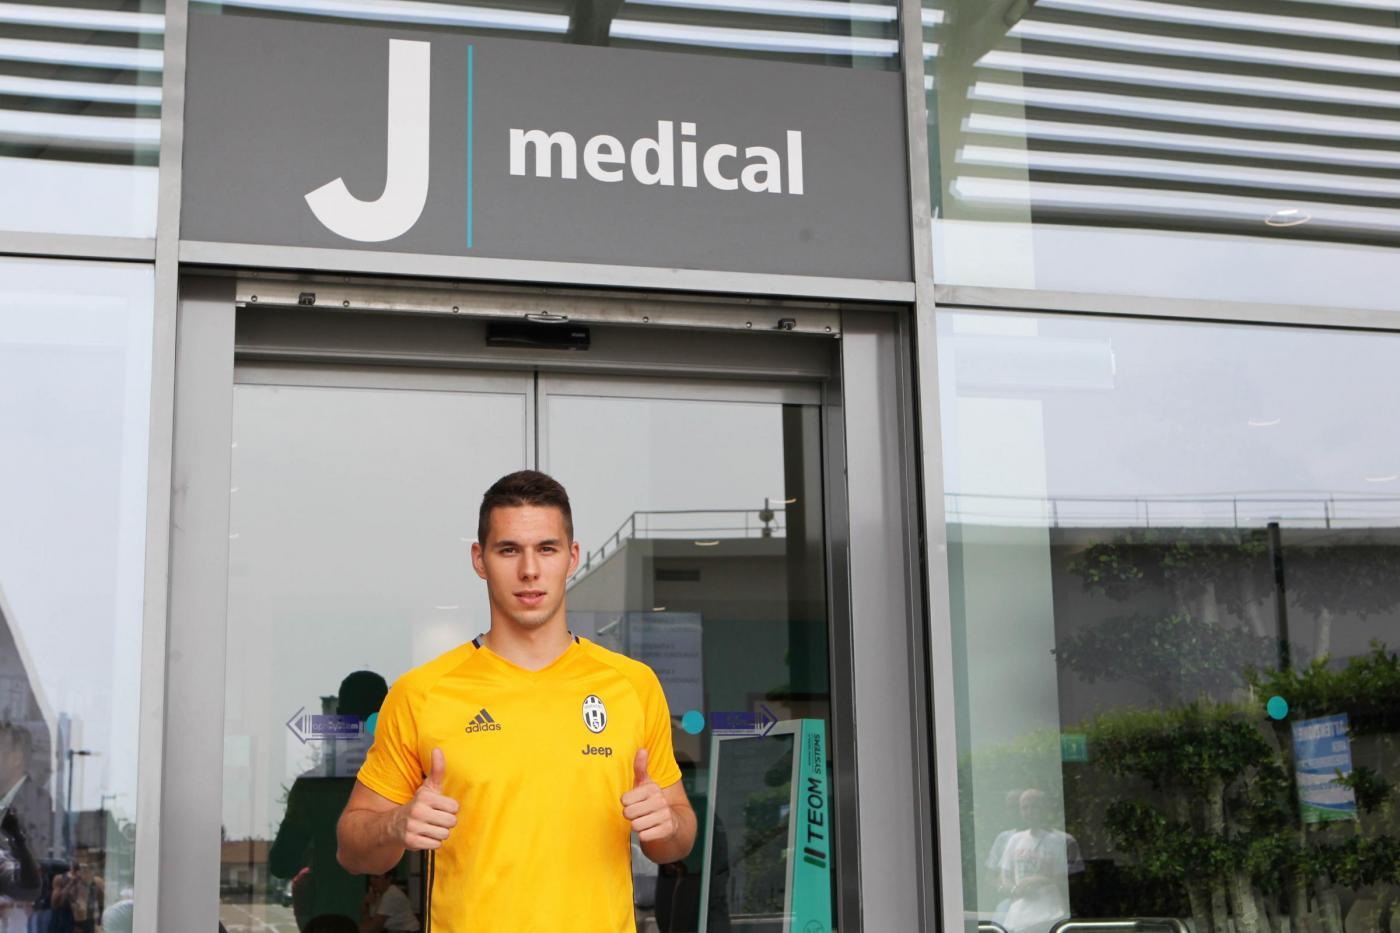 Juventus, visite mediche al J Medical per Marko Pjaca